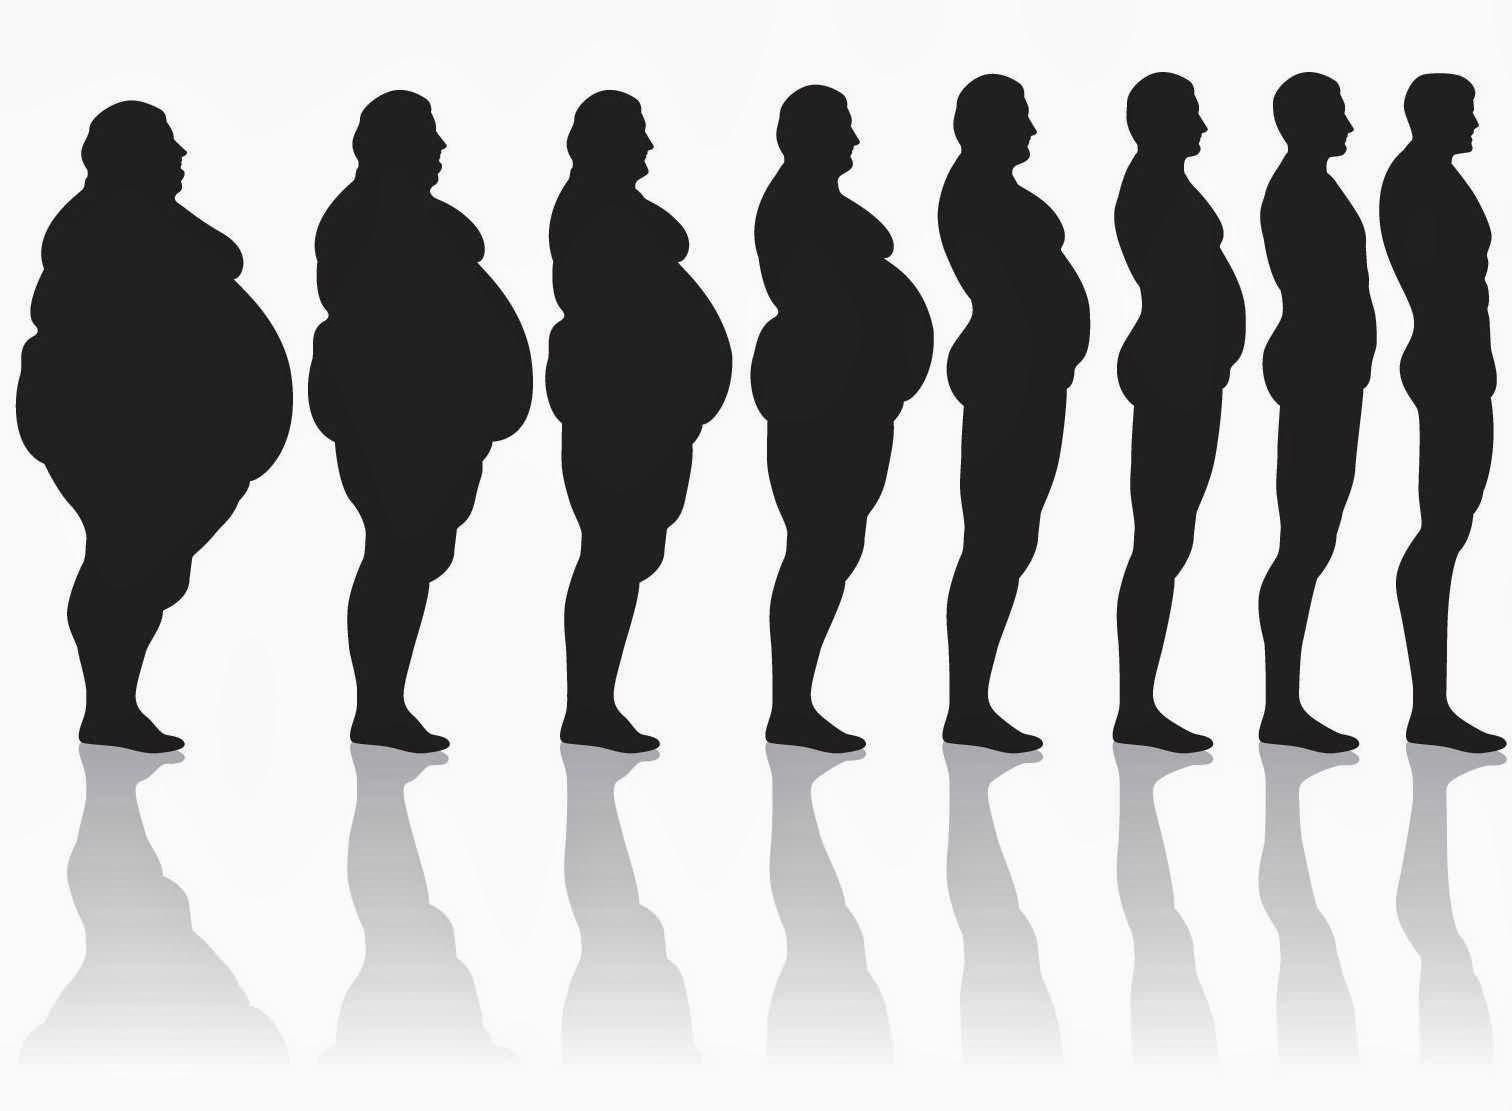 Αδυνάτισμα, Άνδρας, Γυναίκα, Δίαιτα, Εμφάνιση, Ένδυση, Έξυπνα, Στυλ, Σώμα, Τρικ,